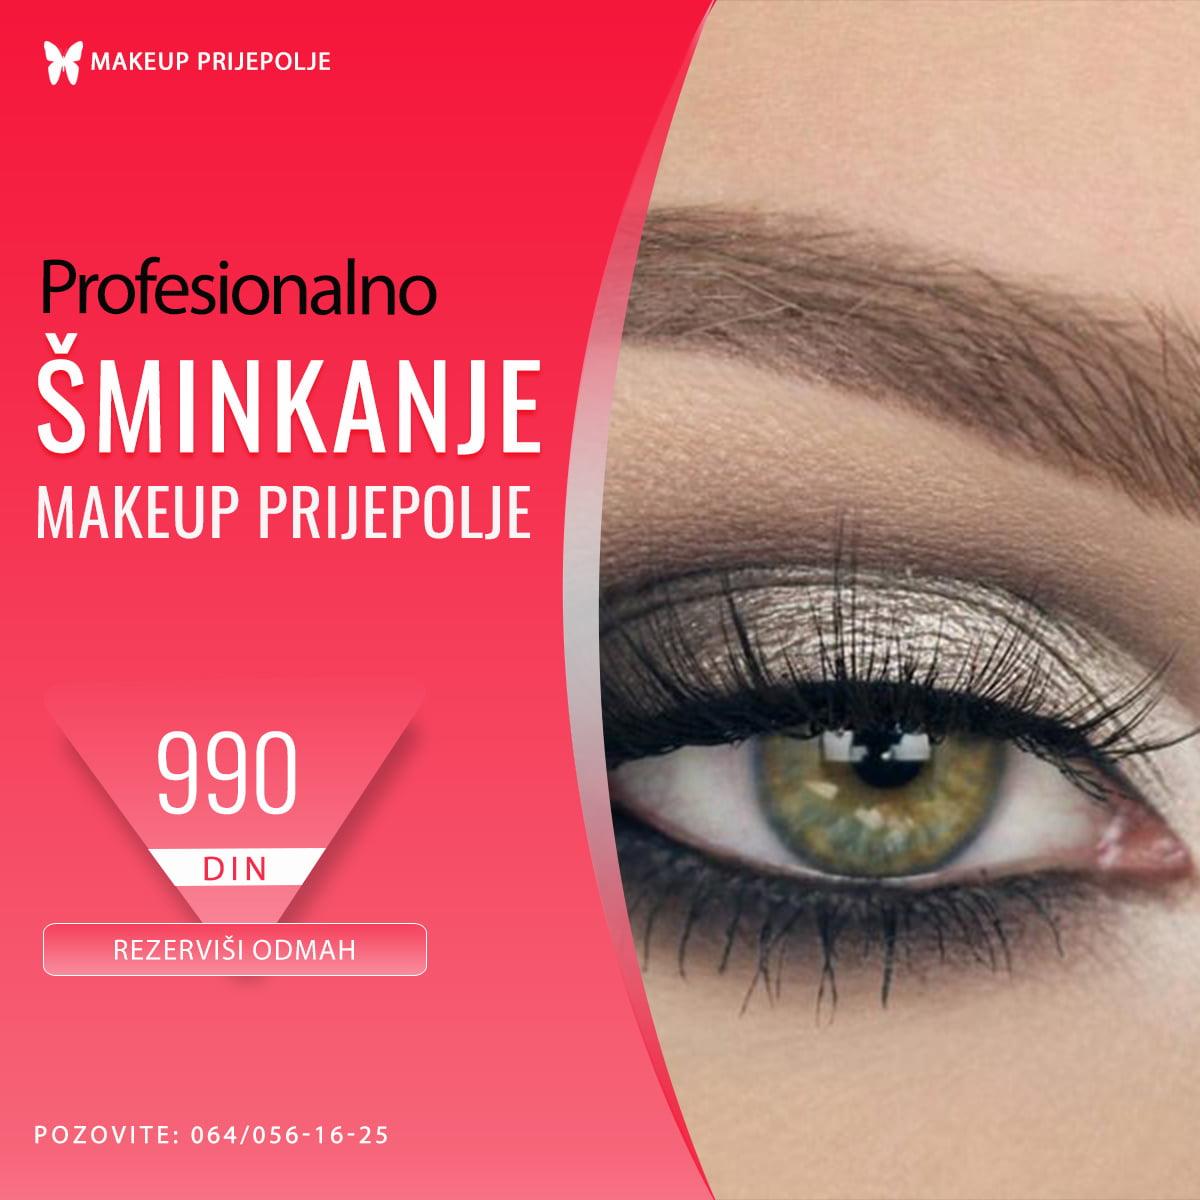 Sminkanje Prijepolje - Makeup Prijepolje